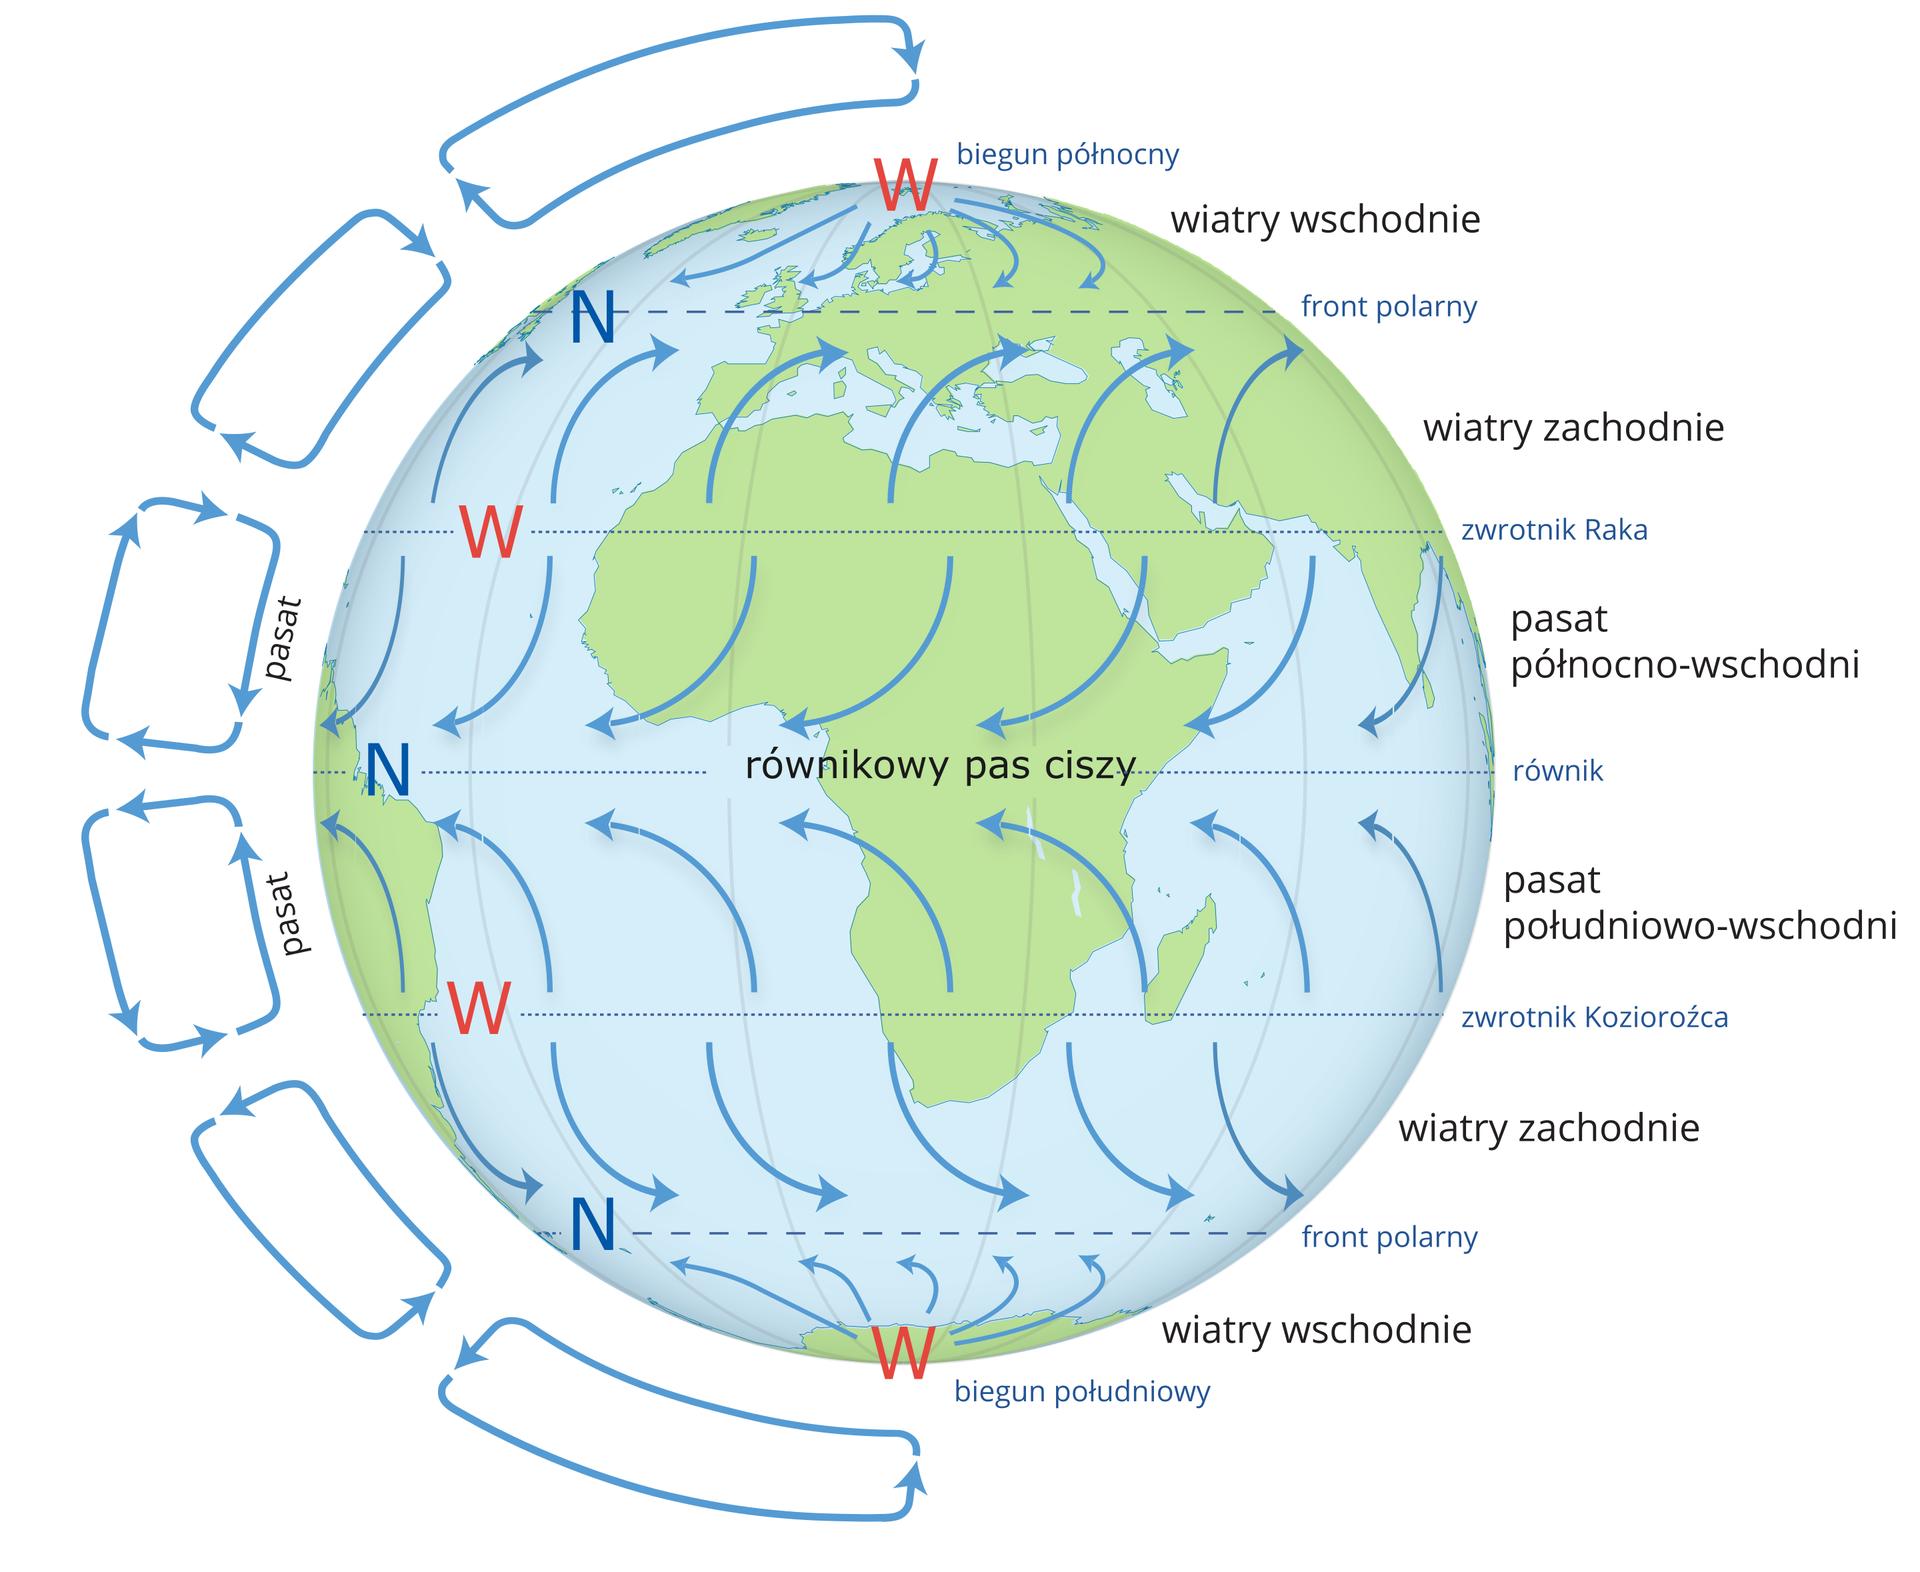 Ilustracja przedstawia kulę ziemską. Kolorem niebieskim zaznaczono wody. Kolorem zielonym zaznaczono lądy. Wcentrum Afryka. Na kuli ziemskiej zaznaczono równik, zwrotniki ilinie frontów polarnych. Na równiku opisano równikowy pas ciszy. Literami wu opisano ośrodki wyżowe nad zwrotnikami ibiegunami. Literami en opisano ośrodki niżowe nad równikiem iliniami frontów polarnych. Niebieskimi strzałkami zaznaczono kierunki wiatru. Wieją one od wyżu do niżu nieco skręcając wposzczególnych pasach. Zprawej strony kuli ziemskiej opisano kierunki wiatrów. Idąc od bieguna północnego wyróżniamy sześć pasów wydzielonych przez linie frontów polarnych, zwrotniki irównik. Wieją wnich kolejno wiatry wschodnie, wiatry zachodnie, pasat północno-wschodni, pasat południowo-wschodni, wiatry zachodnie iwiatry wschodnie. Zlewej strony kuli ziemskiej przedstawiono niebieskimi strzałkami kierunek cyrkulacji mas powietrza.